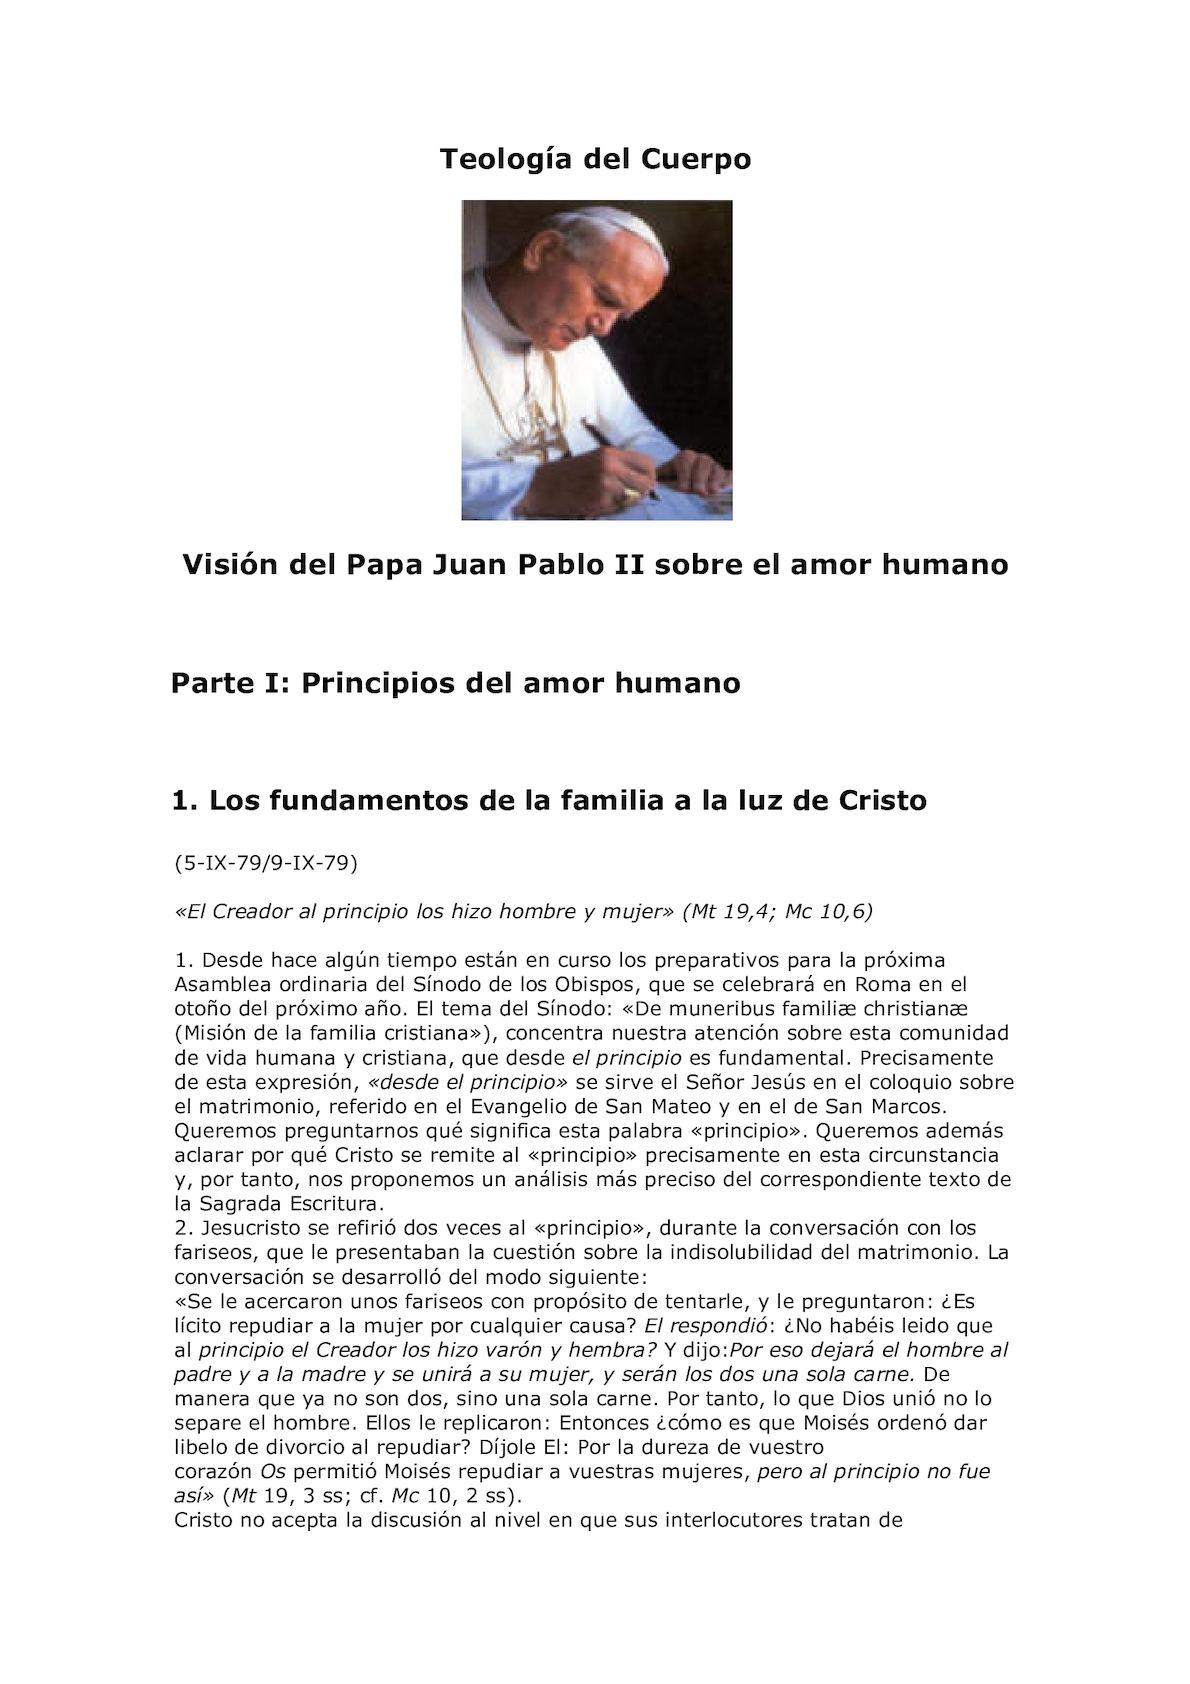 Teología del Cuerpo de Juan Pablo II Vol. 1 Las Palabras de Cristo